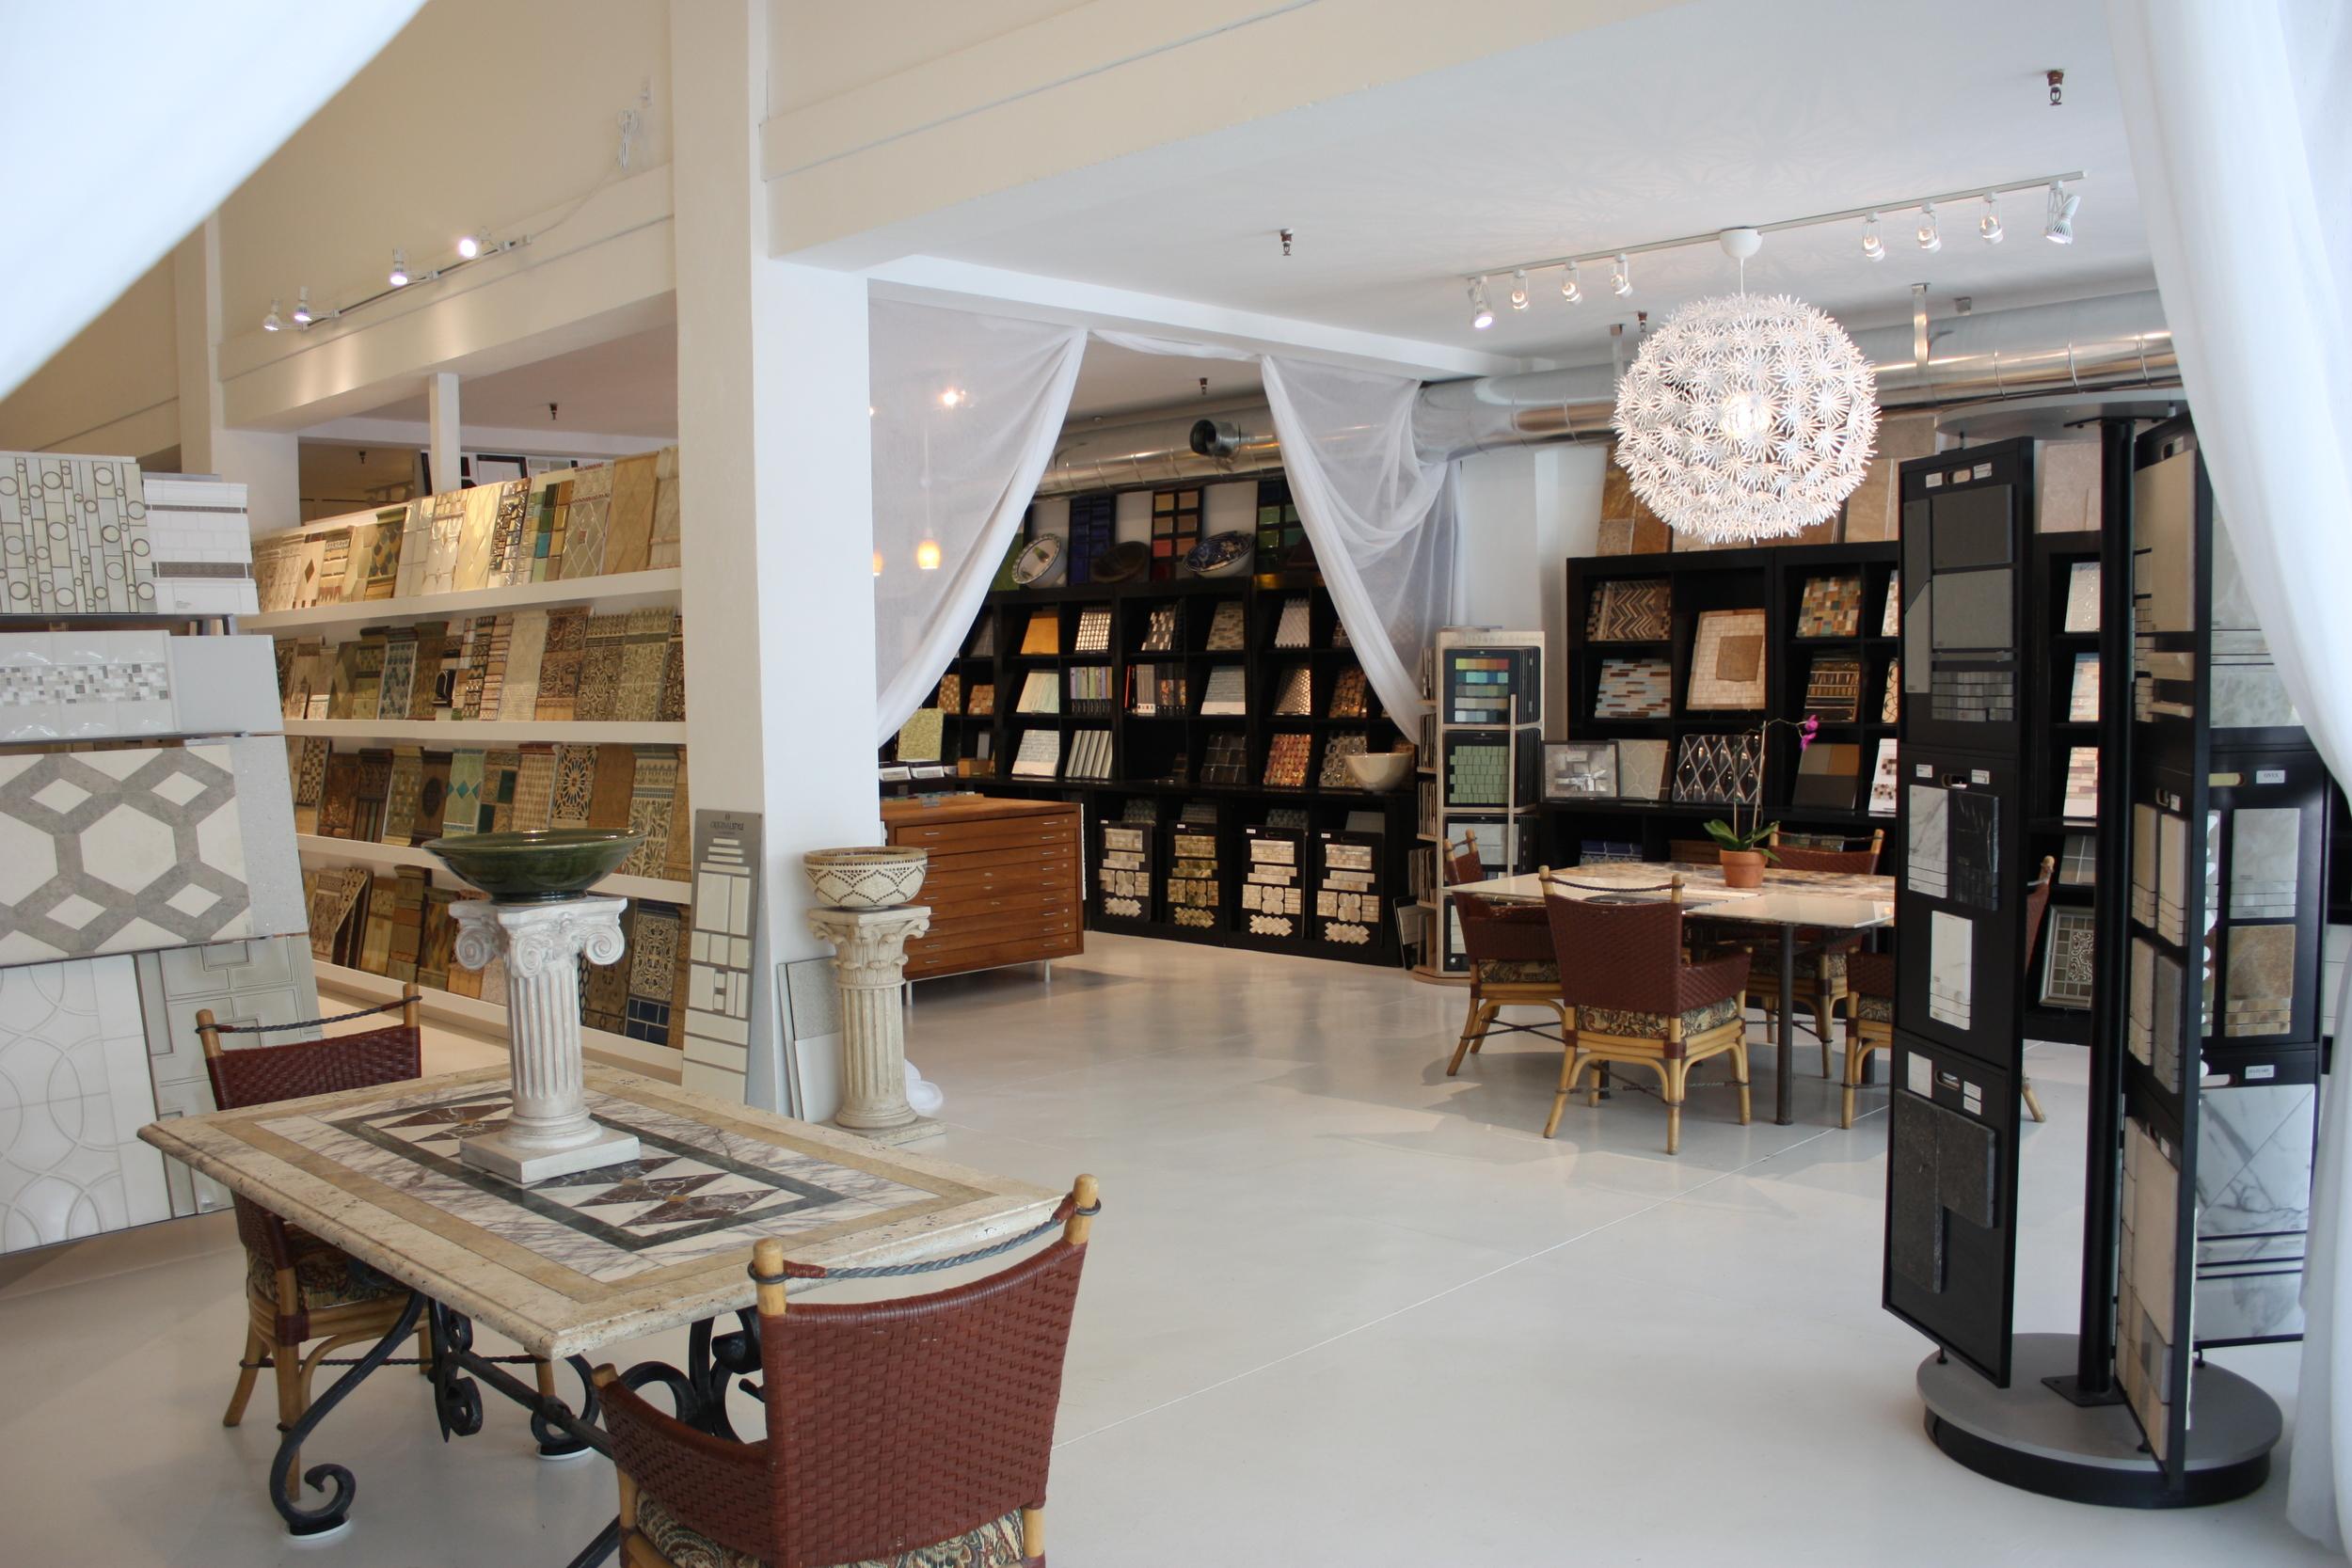 showroom_3.JPG